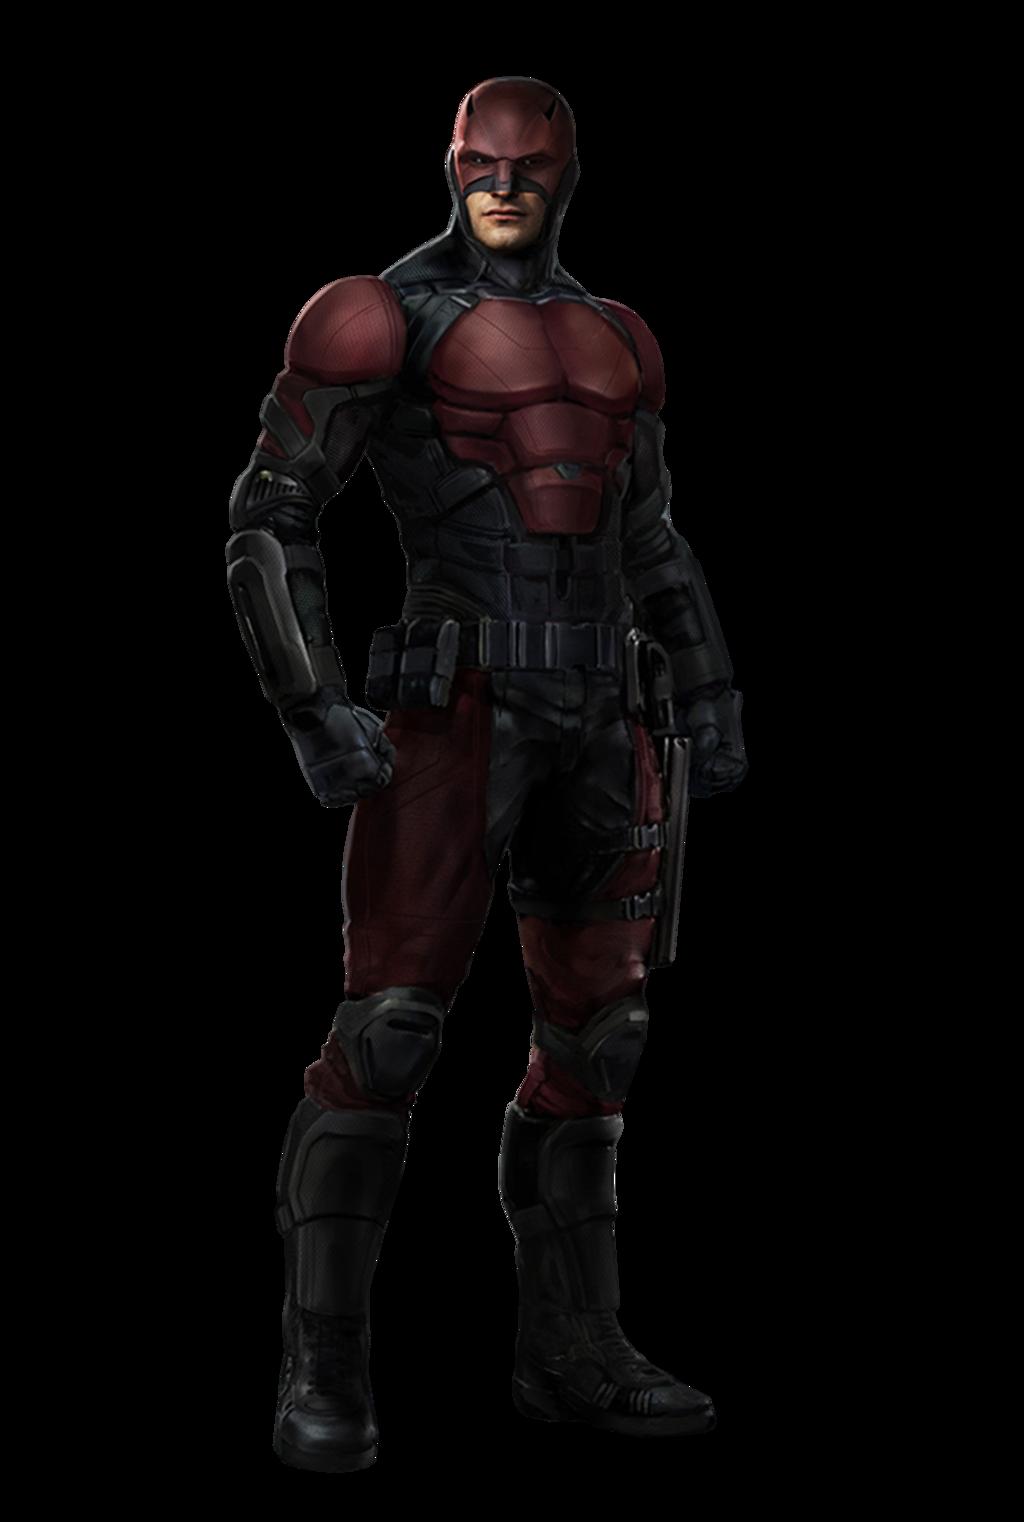 clip black and white Daredevil Concept